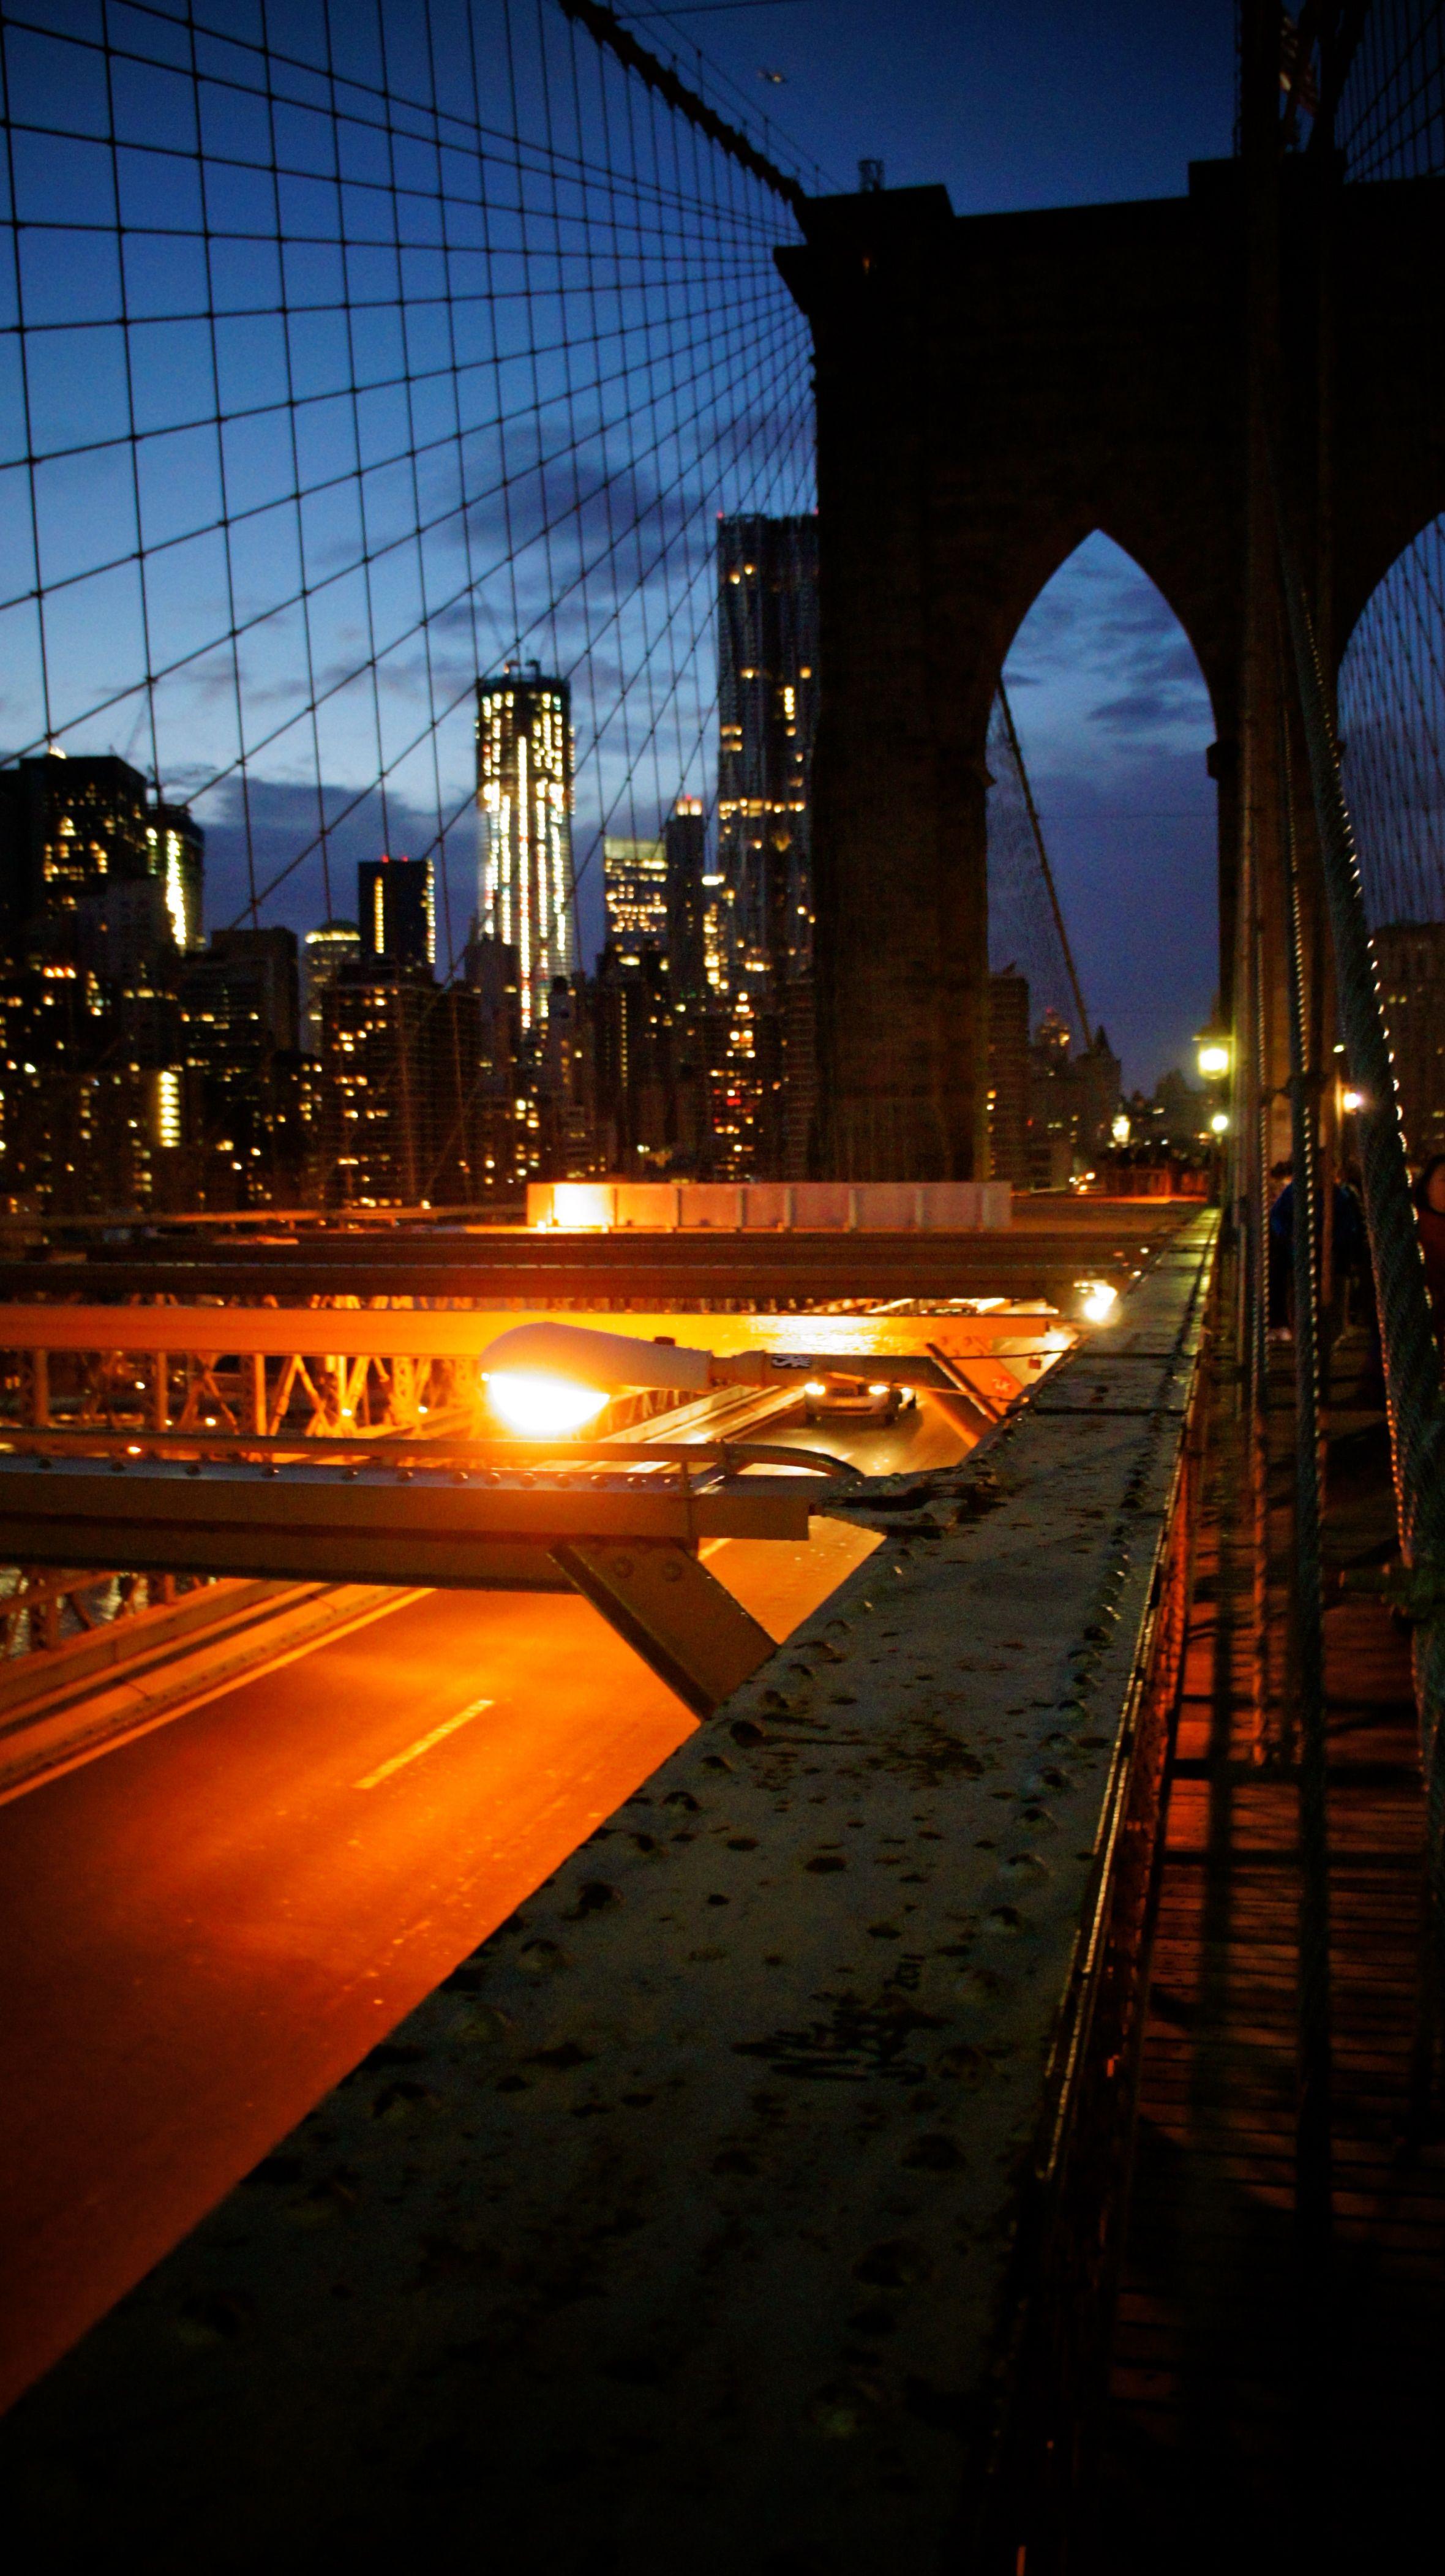 Brooklyn Bridge twinkling at night :-)